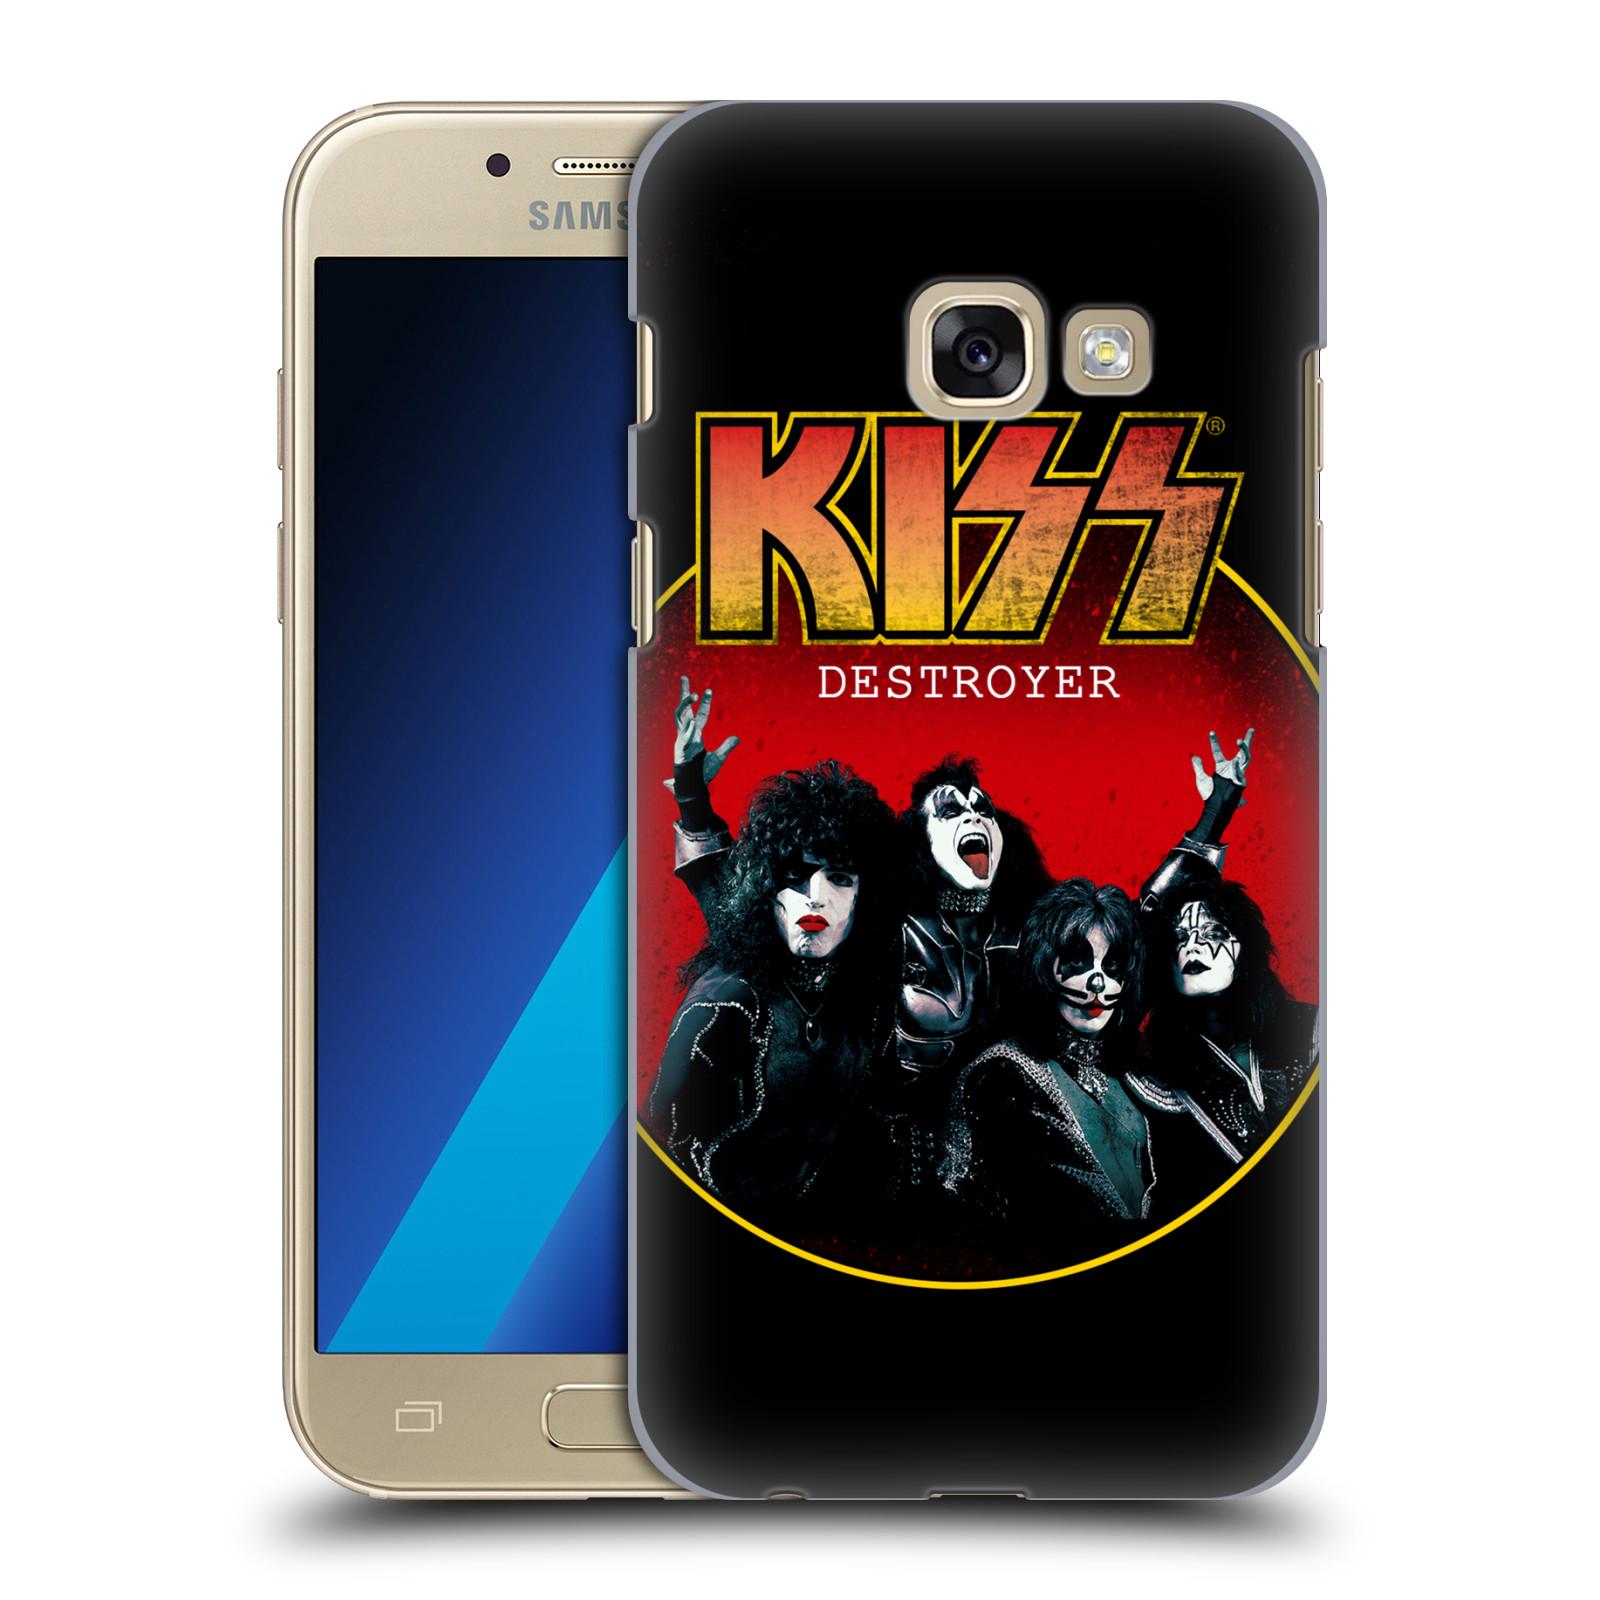 Plastové pouzdro na mobil Samsung Galaxy A3 (2017) HEAD CASE - Kiss - Destroyer